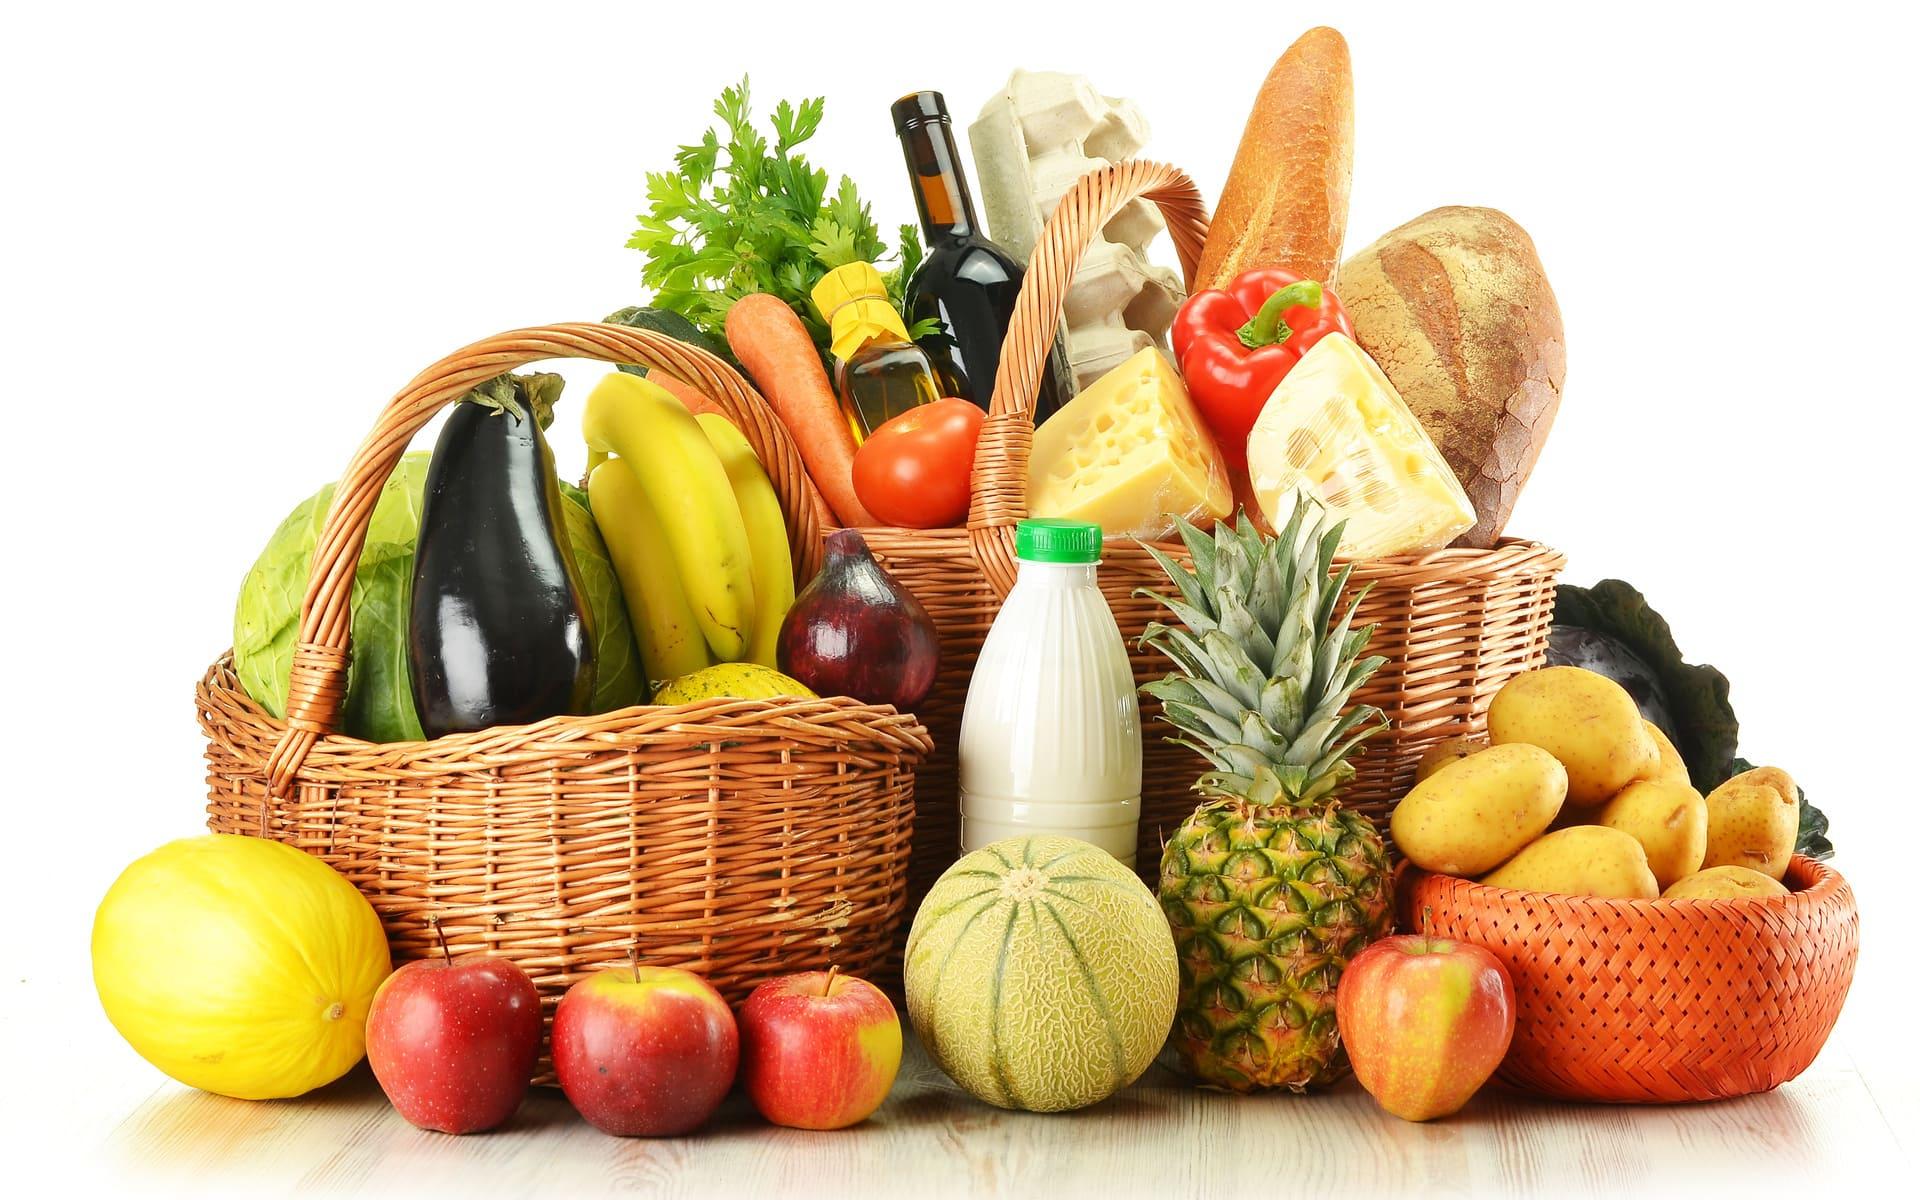 14 здоровых способов сэкономить на продуктах питания